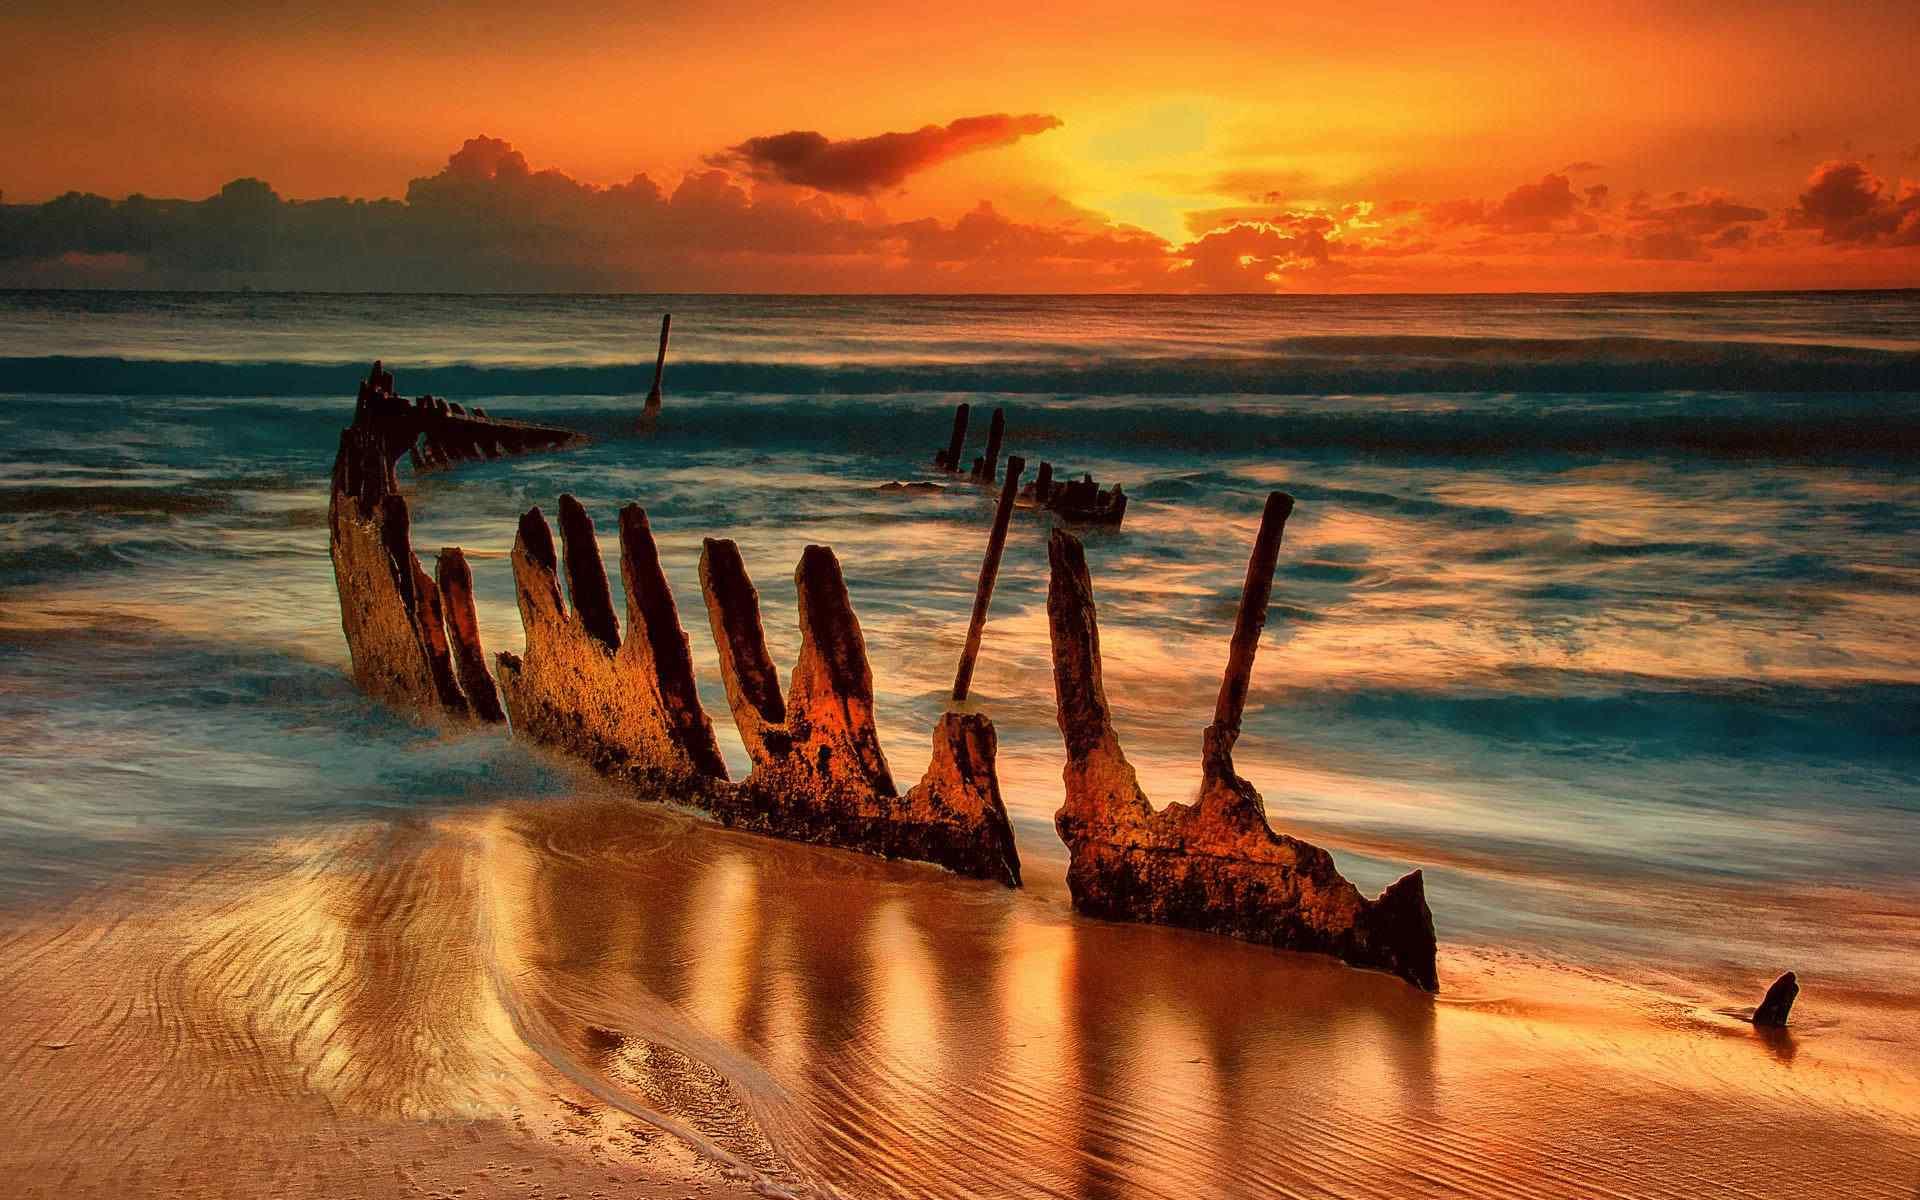 唯美的静谧的海边夕阳风景图片壁纸